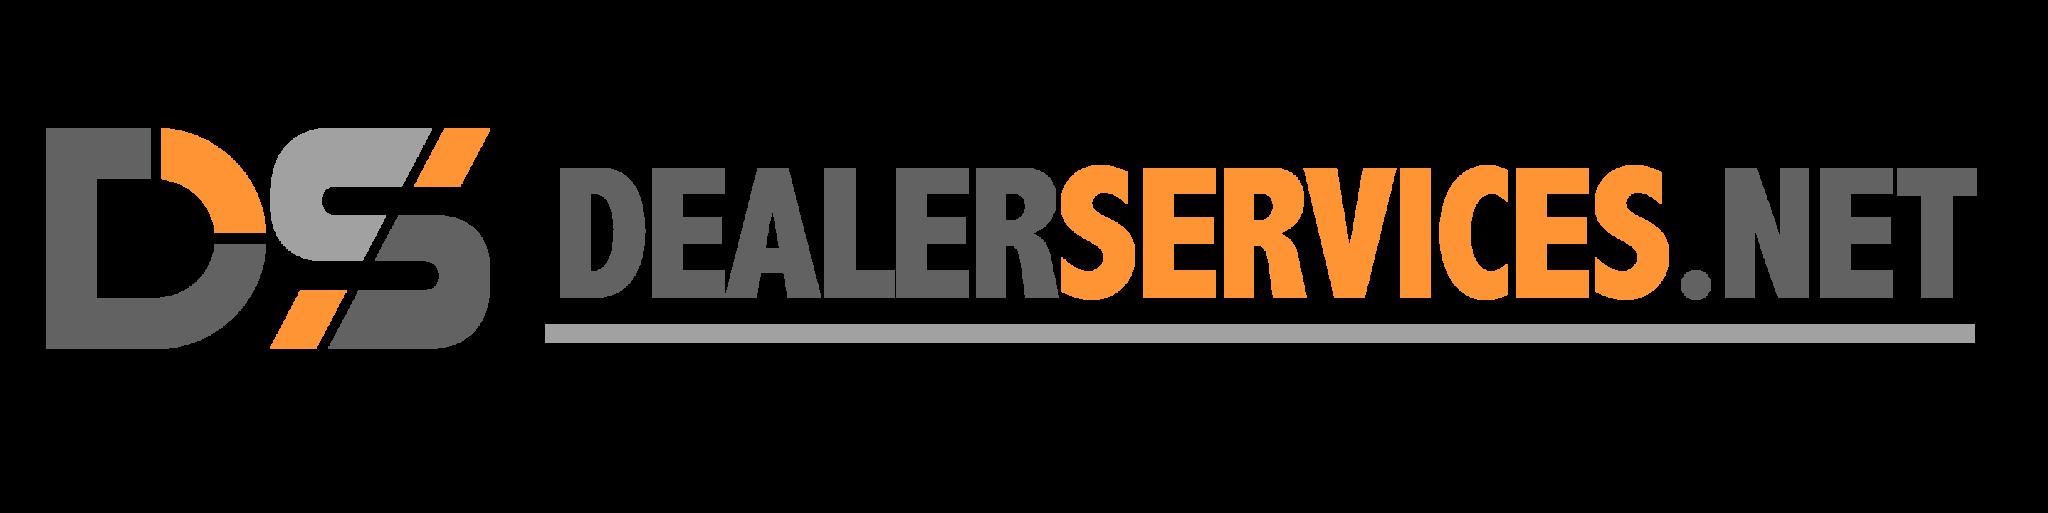 Dealer Services